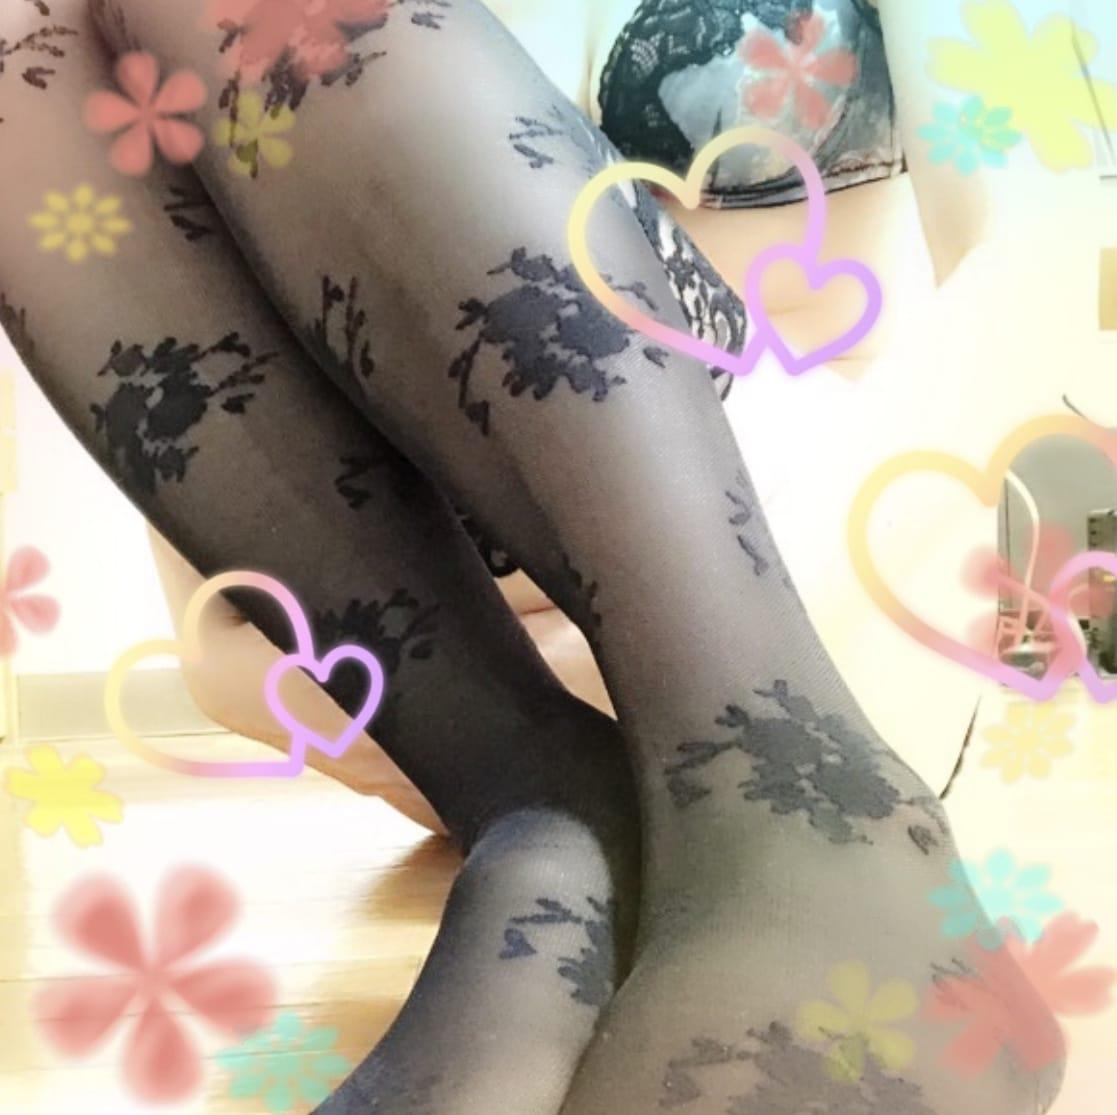 彩羽「おやすみなさい☆彡」03/22(木) 23:47 | 彩羽の写メ・風俗動画